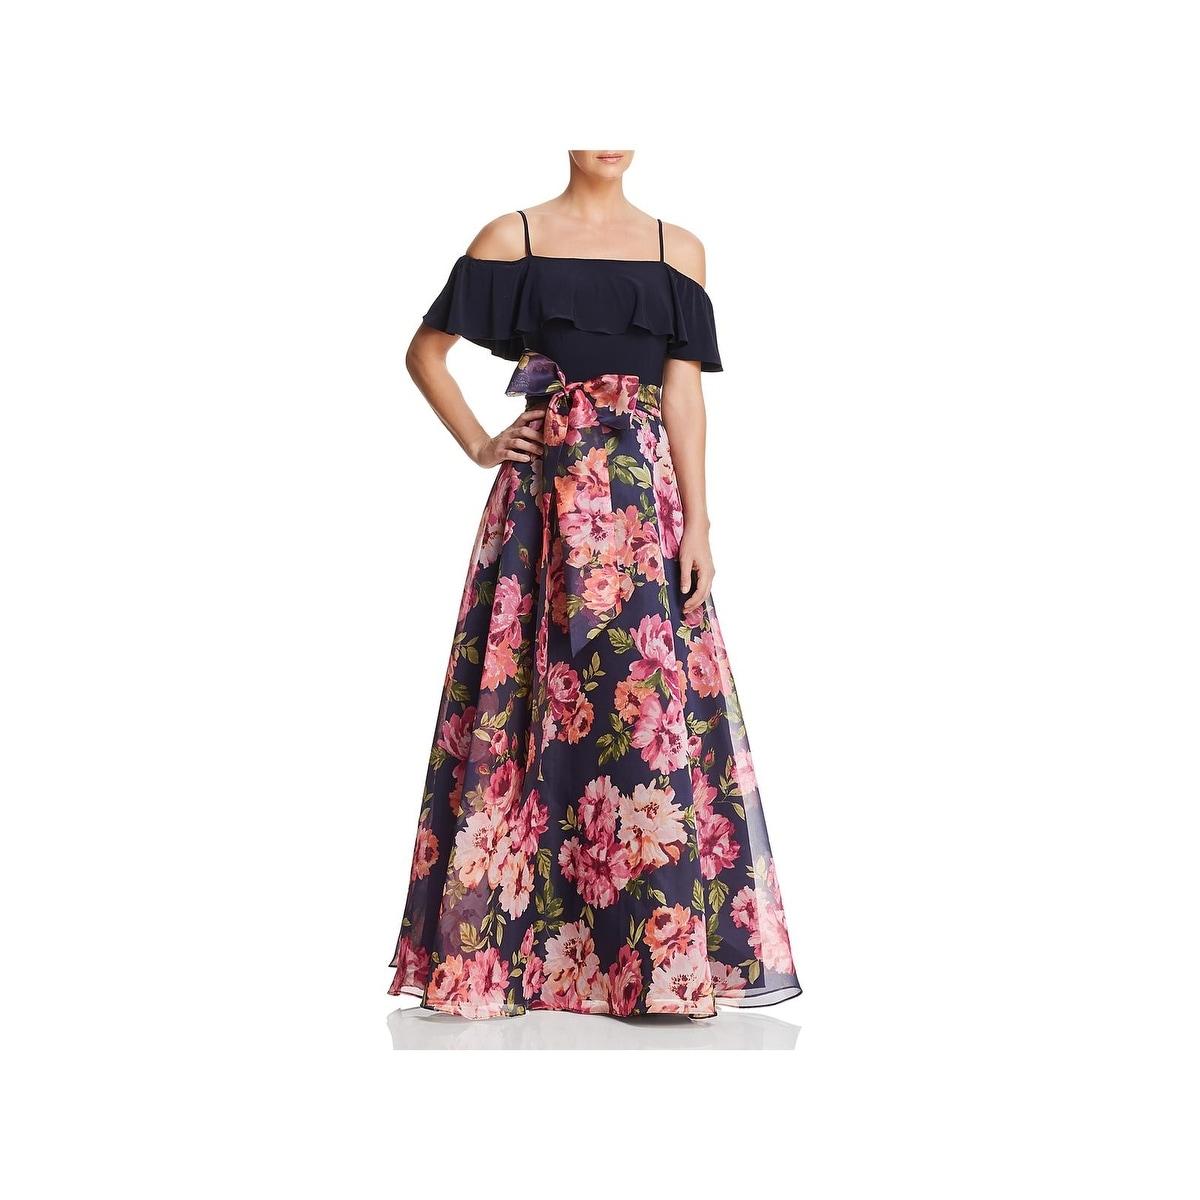 74c299156 Buy Eliza J Evening & Formal Dresses Online at Overstock | Our Best Dresses  Deals